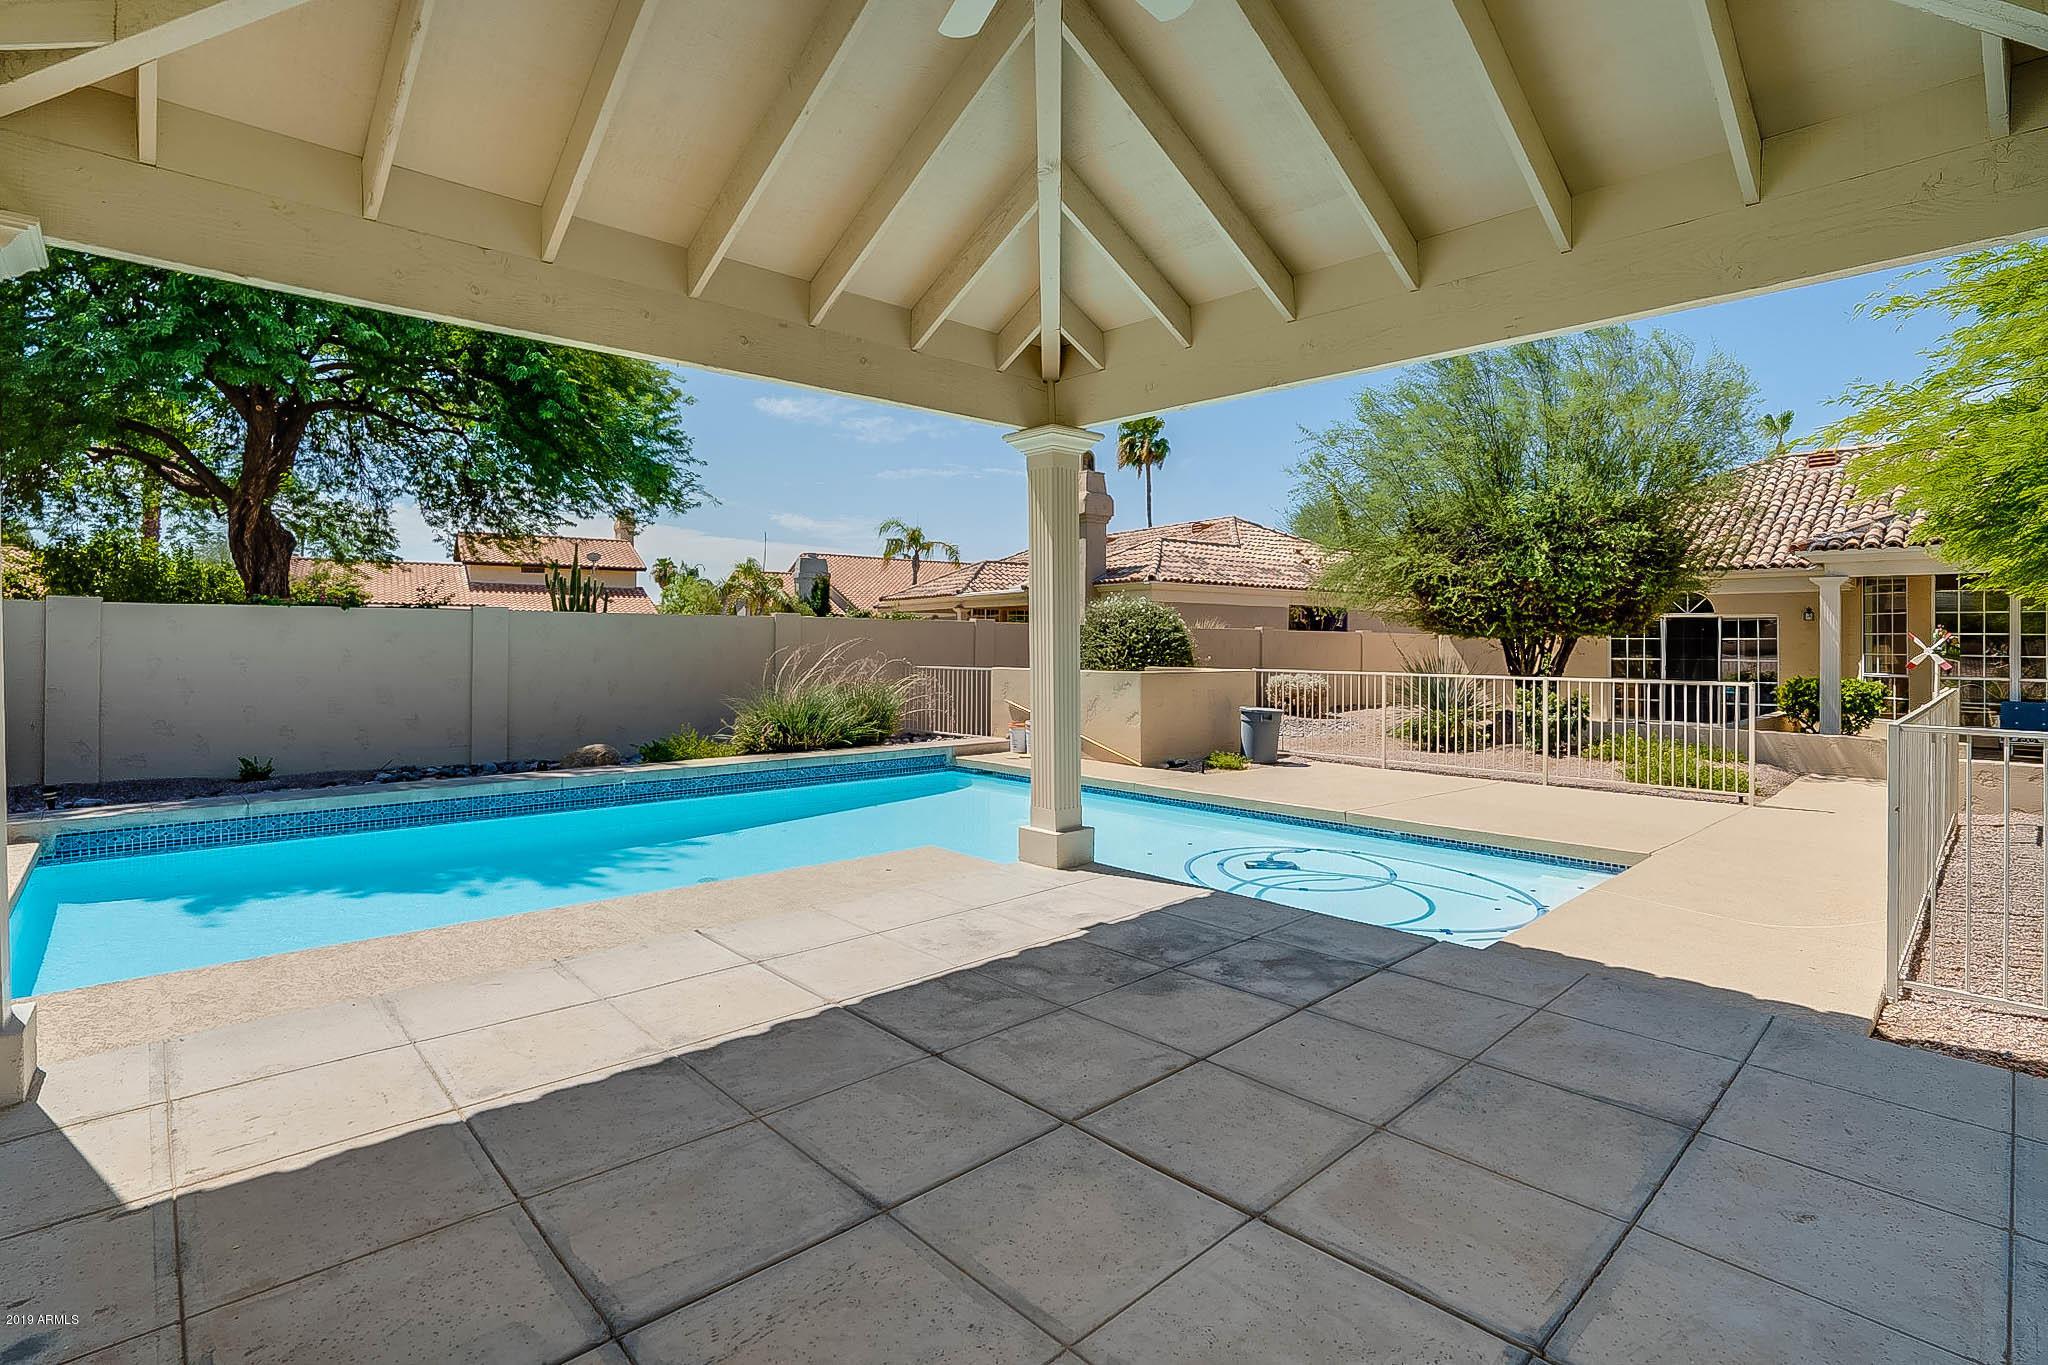 MLS 5953469 10170 E BELLA VISTA Drive, Scottsdale, AZ 85258 Scottsdale AZ Private Pool